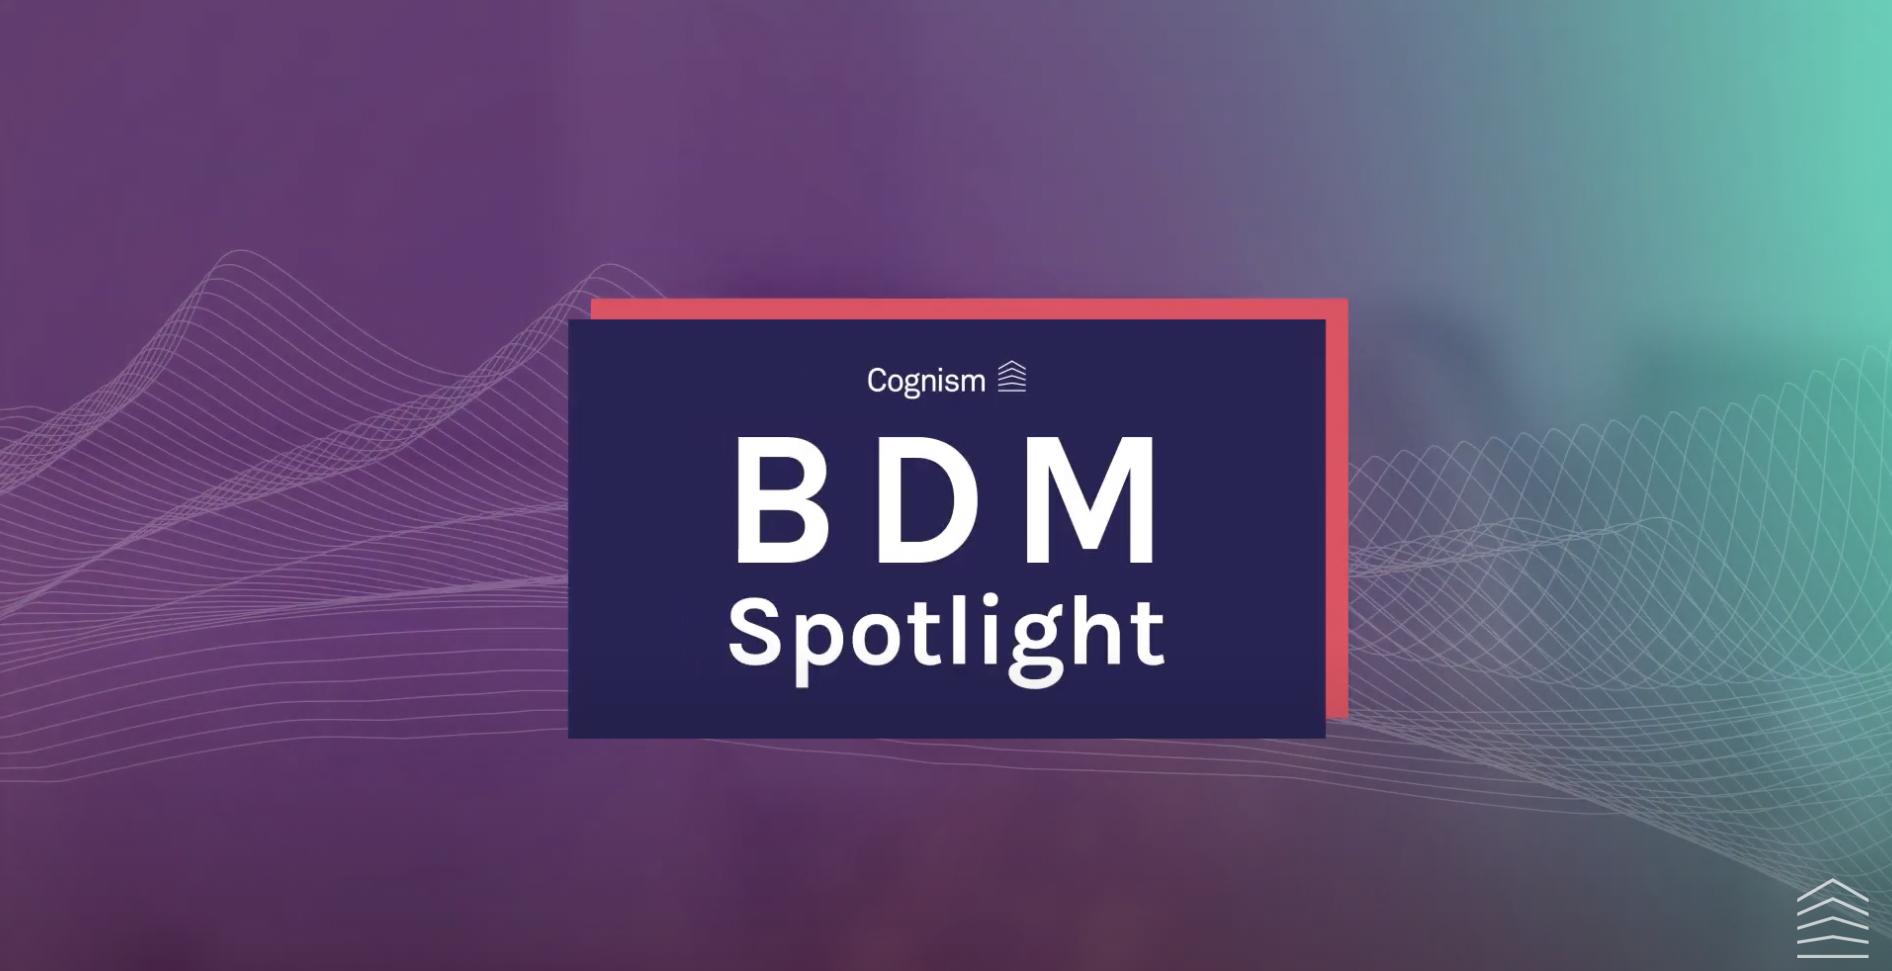 BDM Spotlight